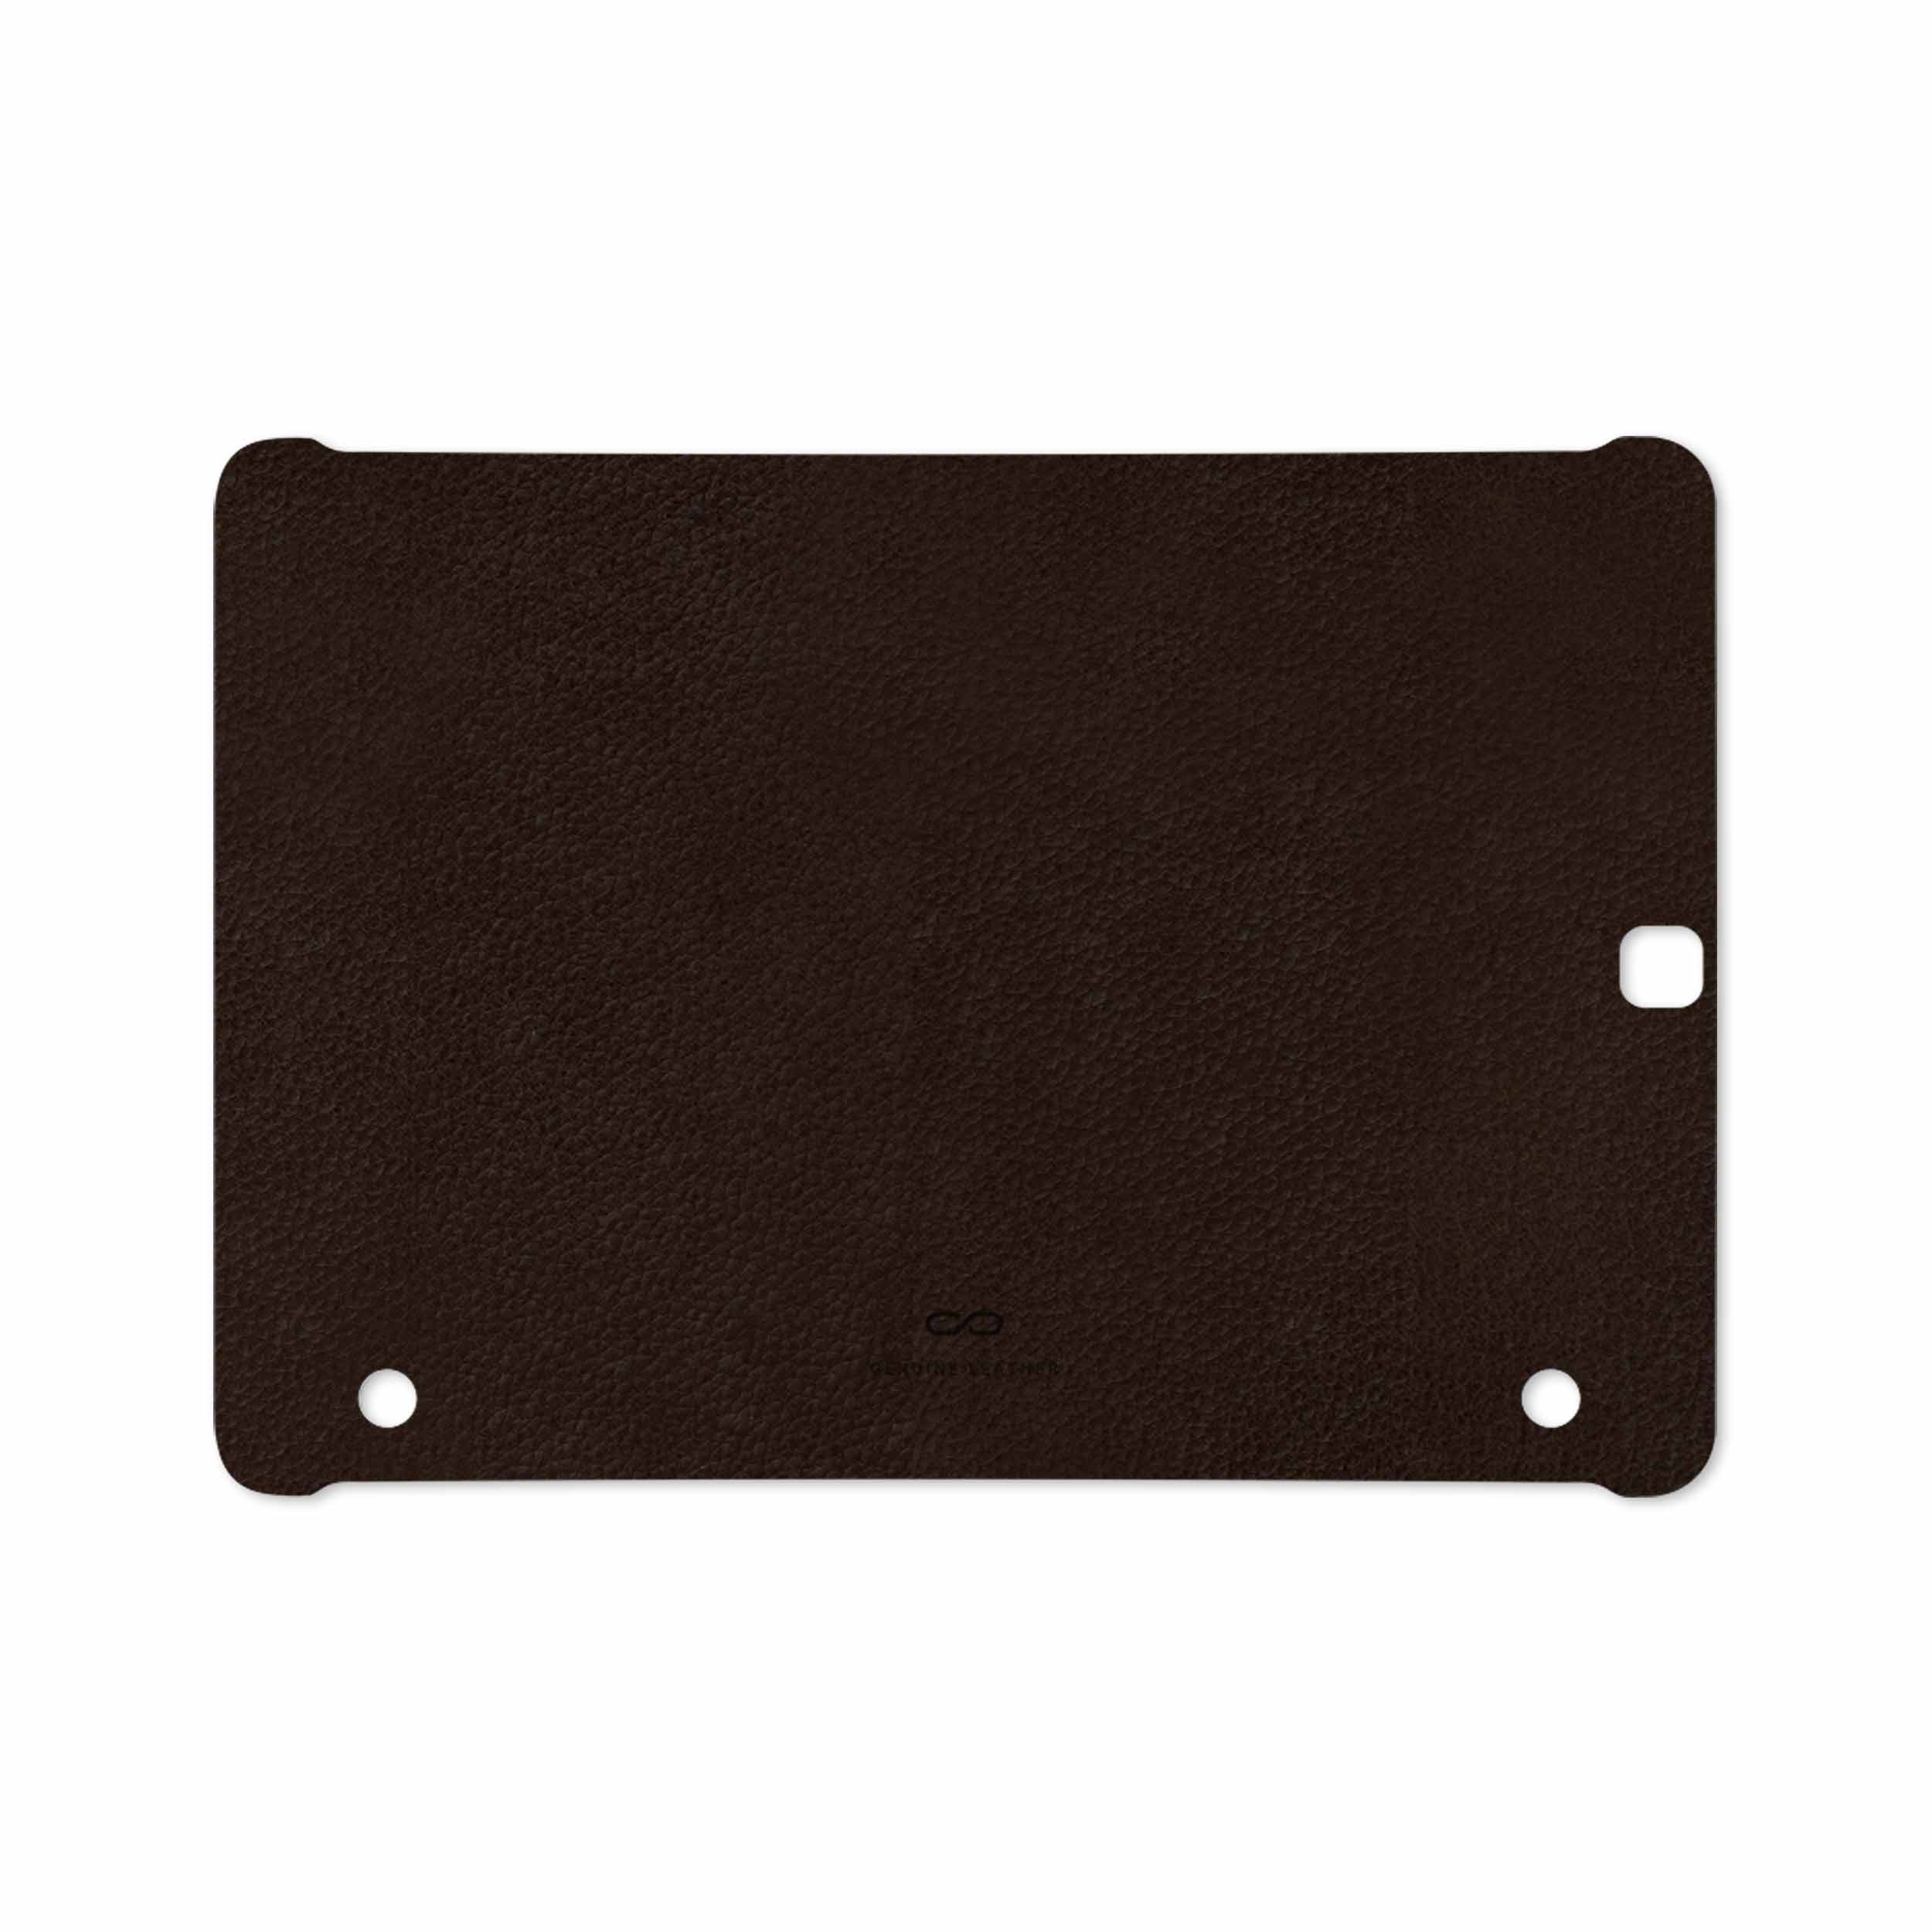 بررسی و خرید [با تخفیف]                                     برچسب پوششی ماهوت مدل Dark-Brown-Leather مناسب برای تبلت سامسونگ Galaxy Tab S2 9.7 2016 T813N                             اورجینال